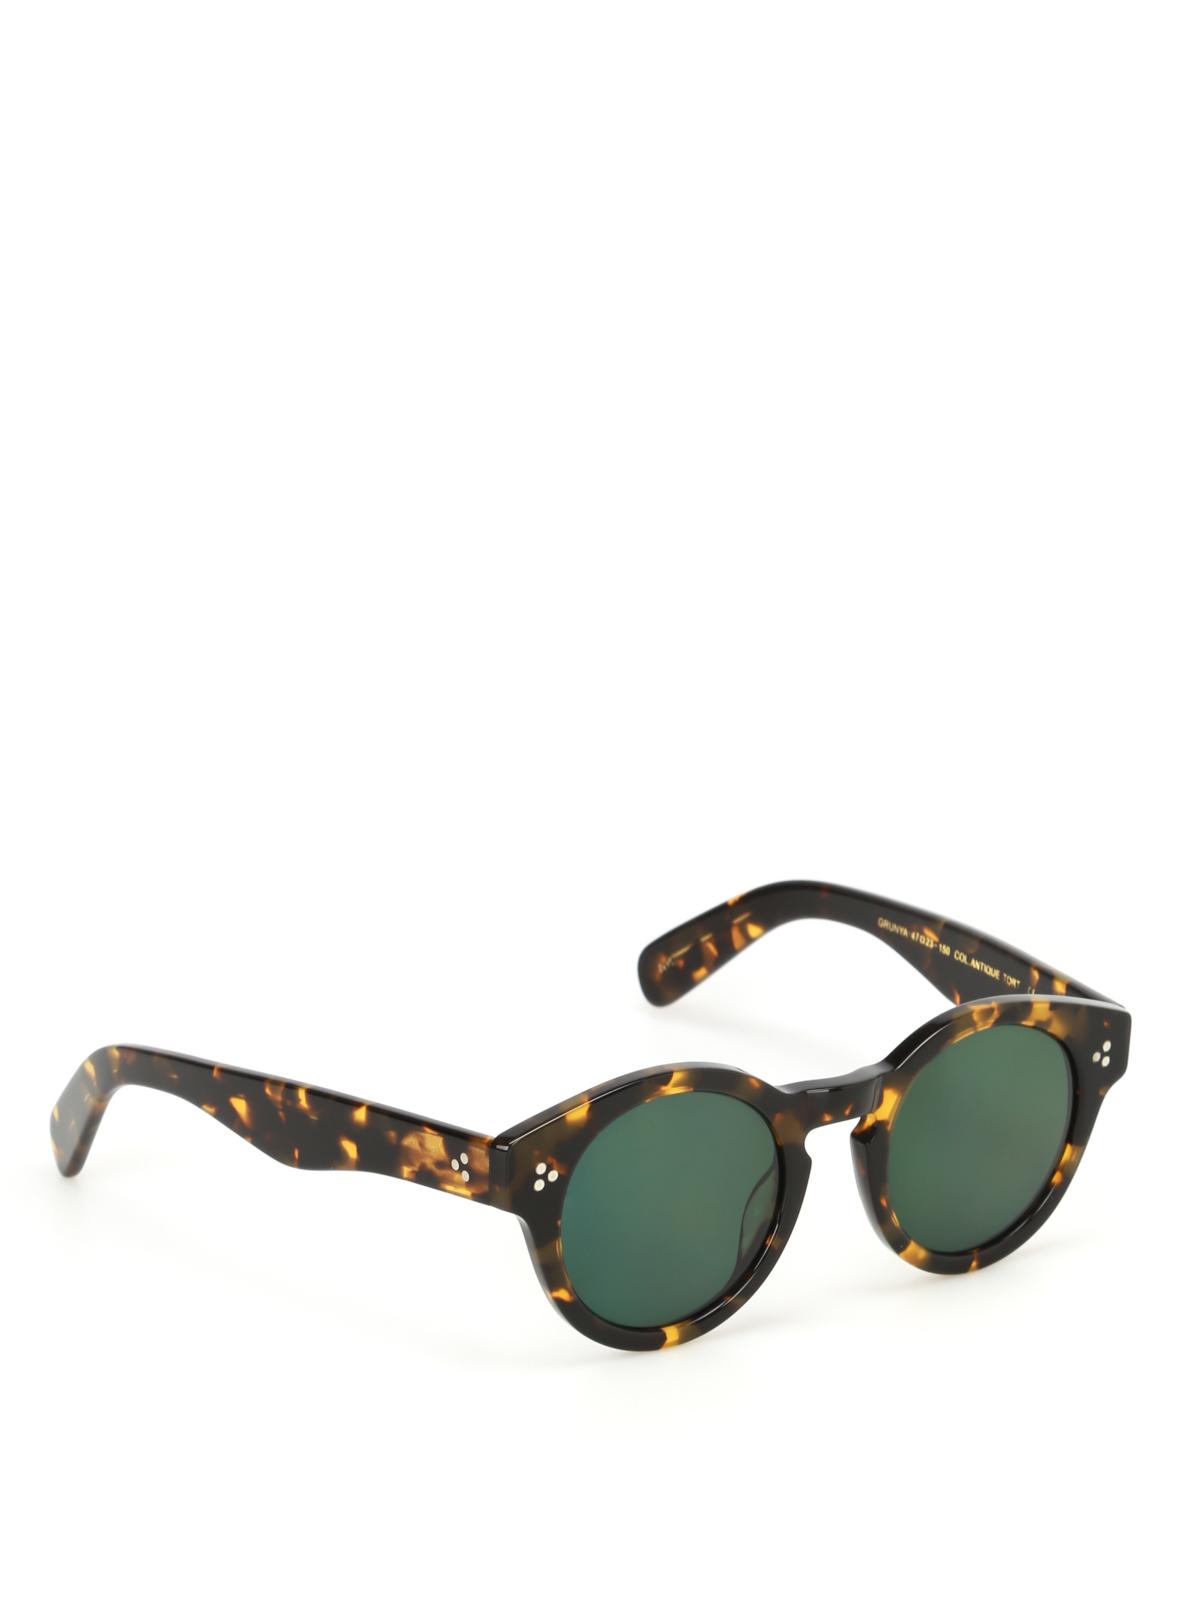 db6fa75108d Moscot grunya tortoise frame sunglasses grunyahavana jpg 1200x1600 Moscot  grunya sunglasses